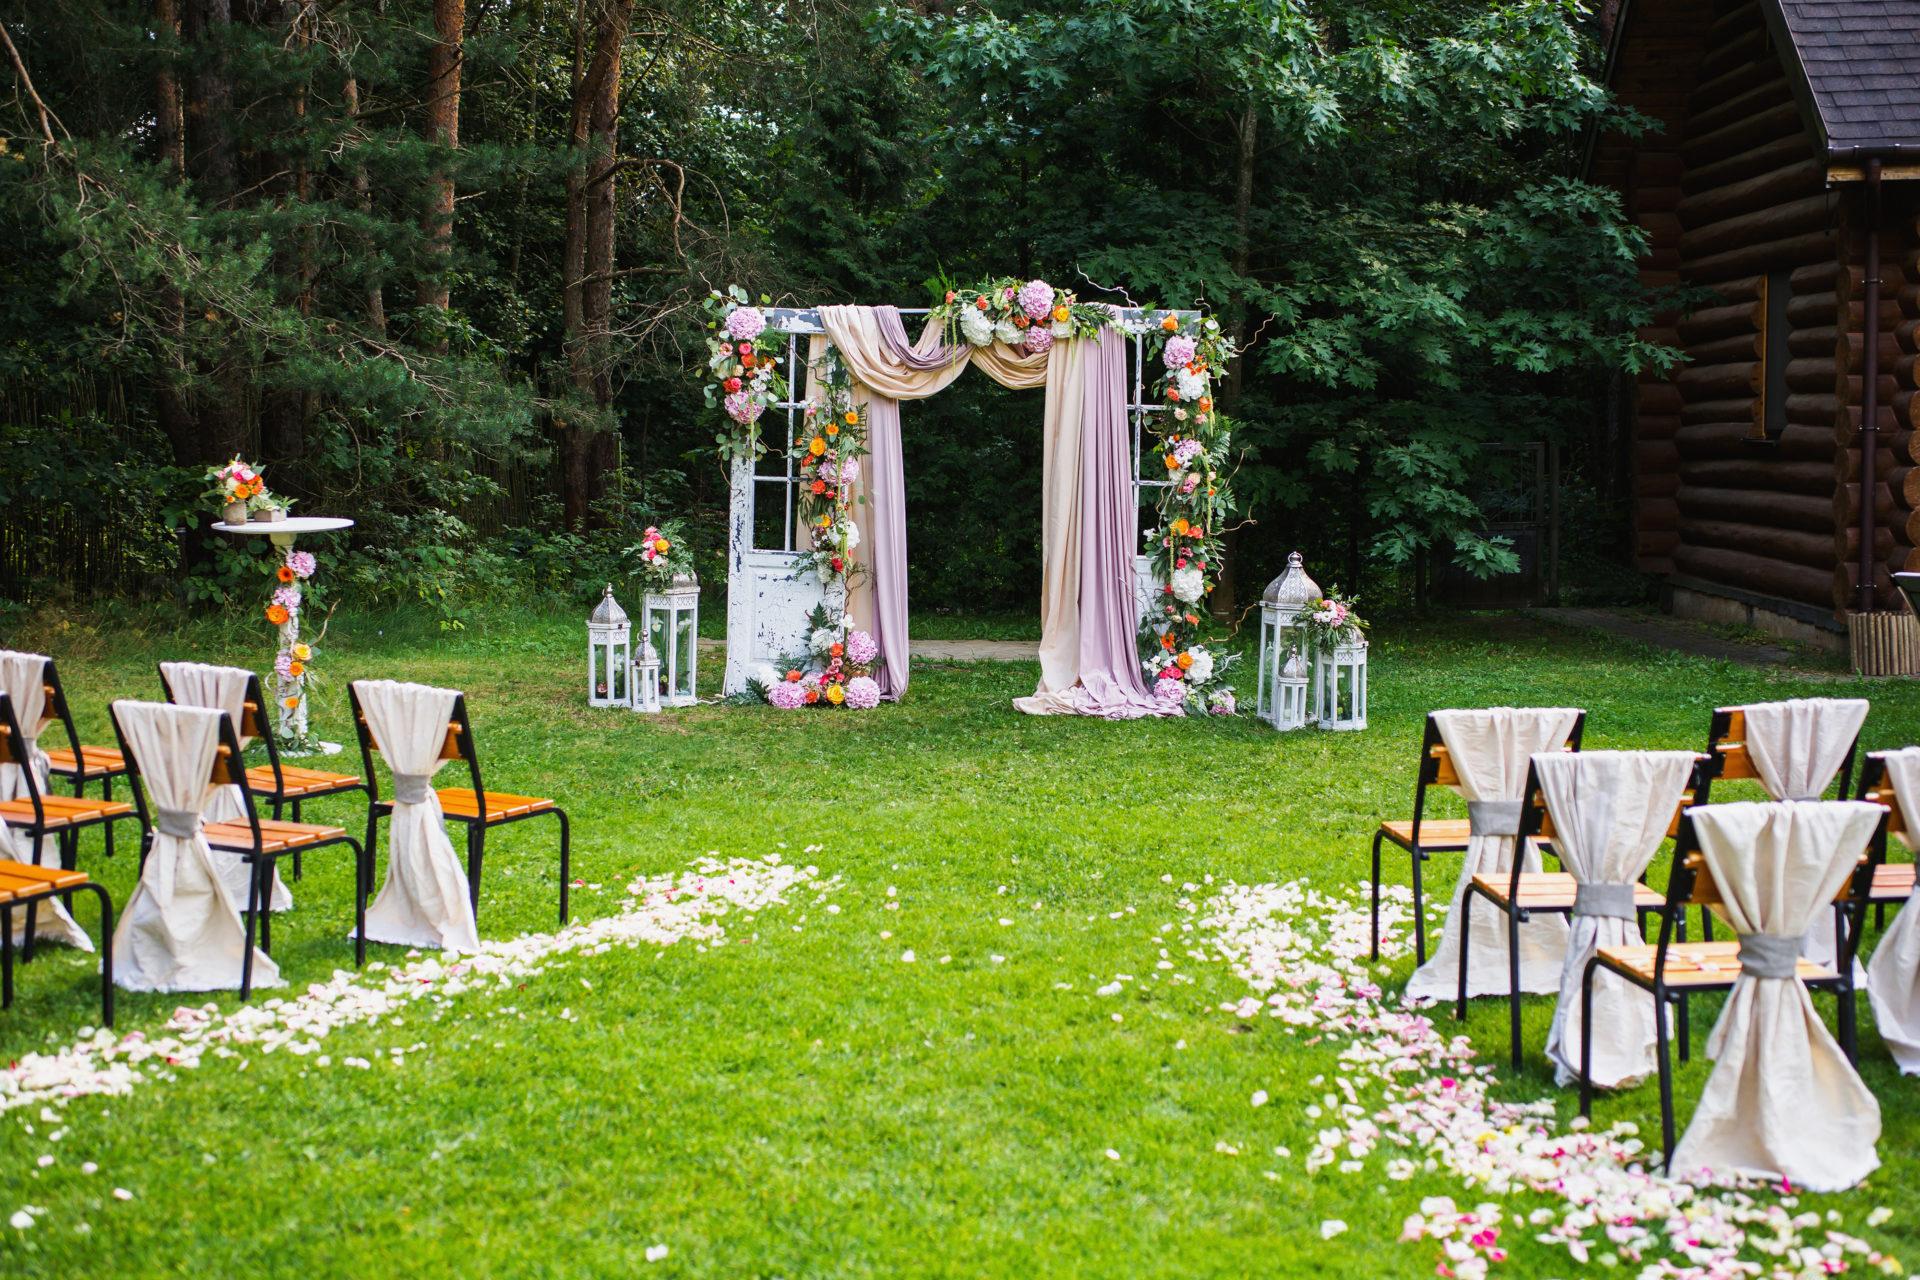 casamento simples no campo com panos rosas, flores coloridas e pétalas de rosas no chão